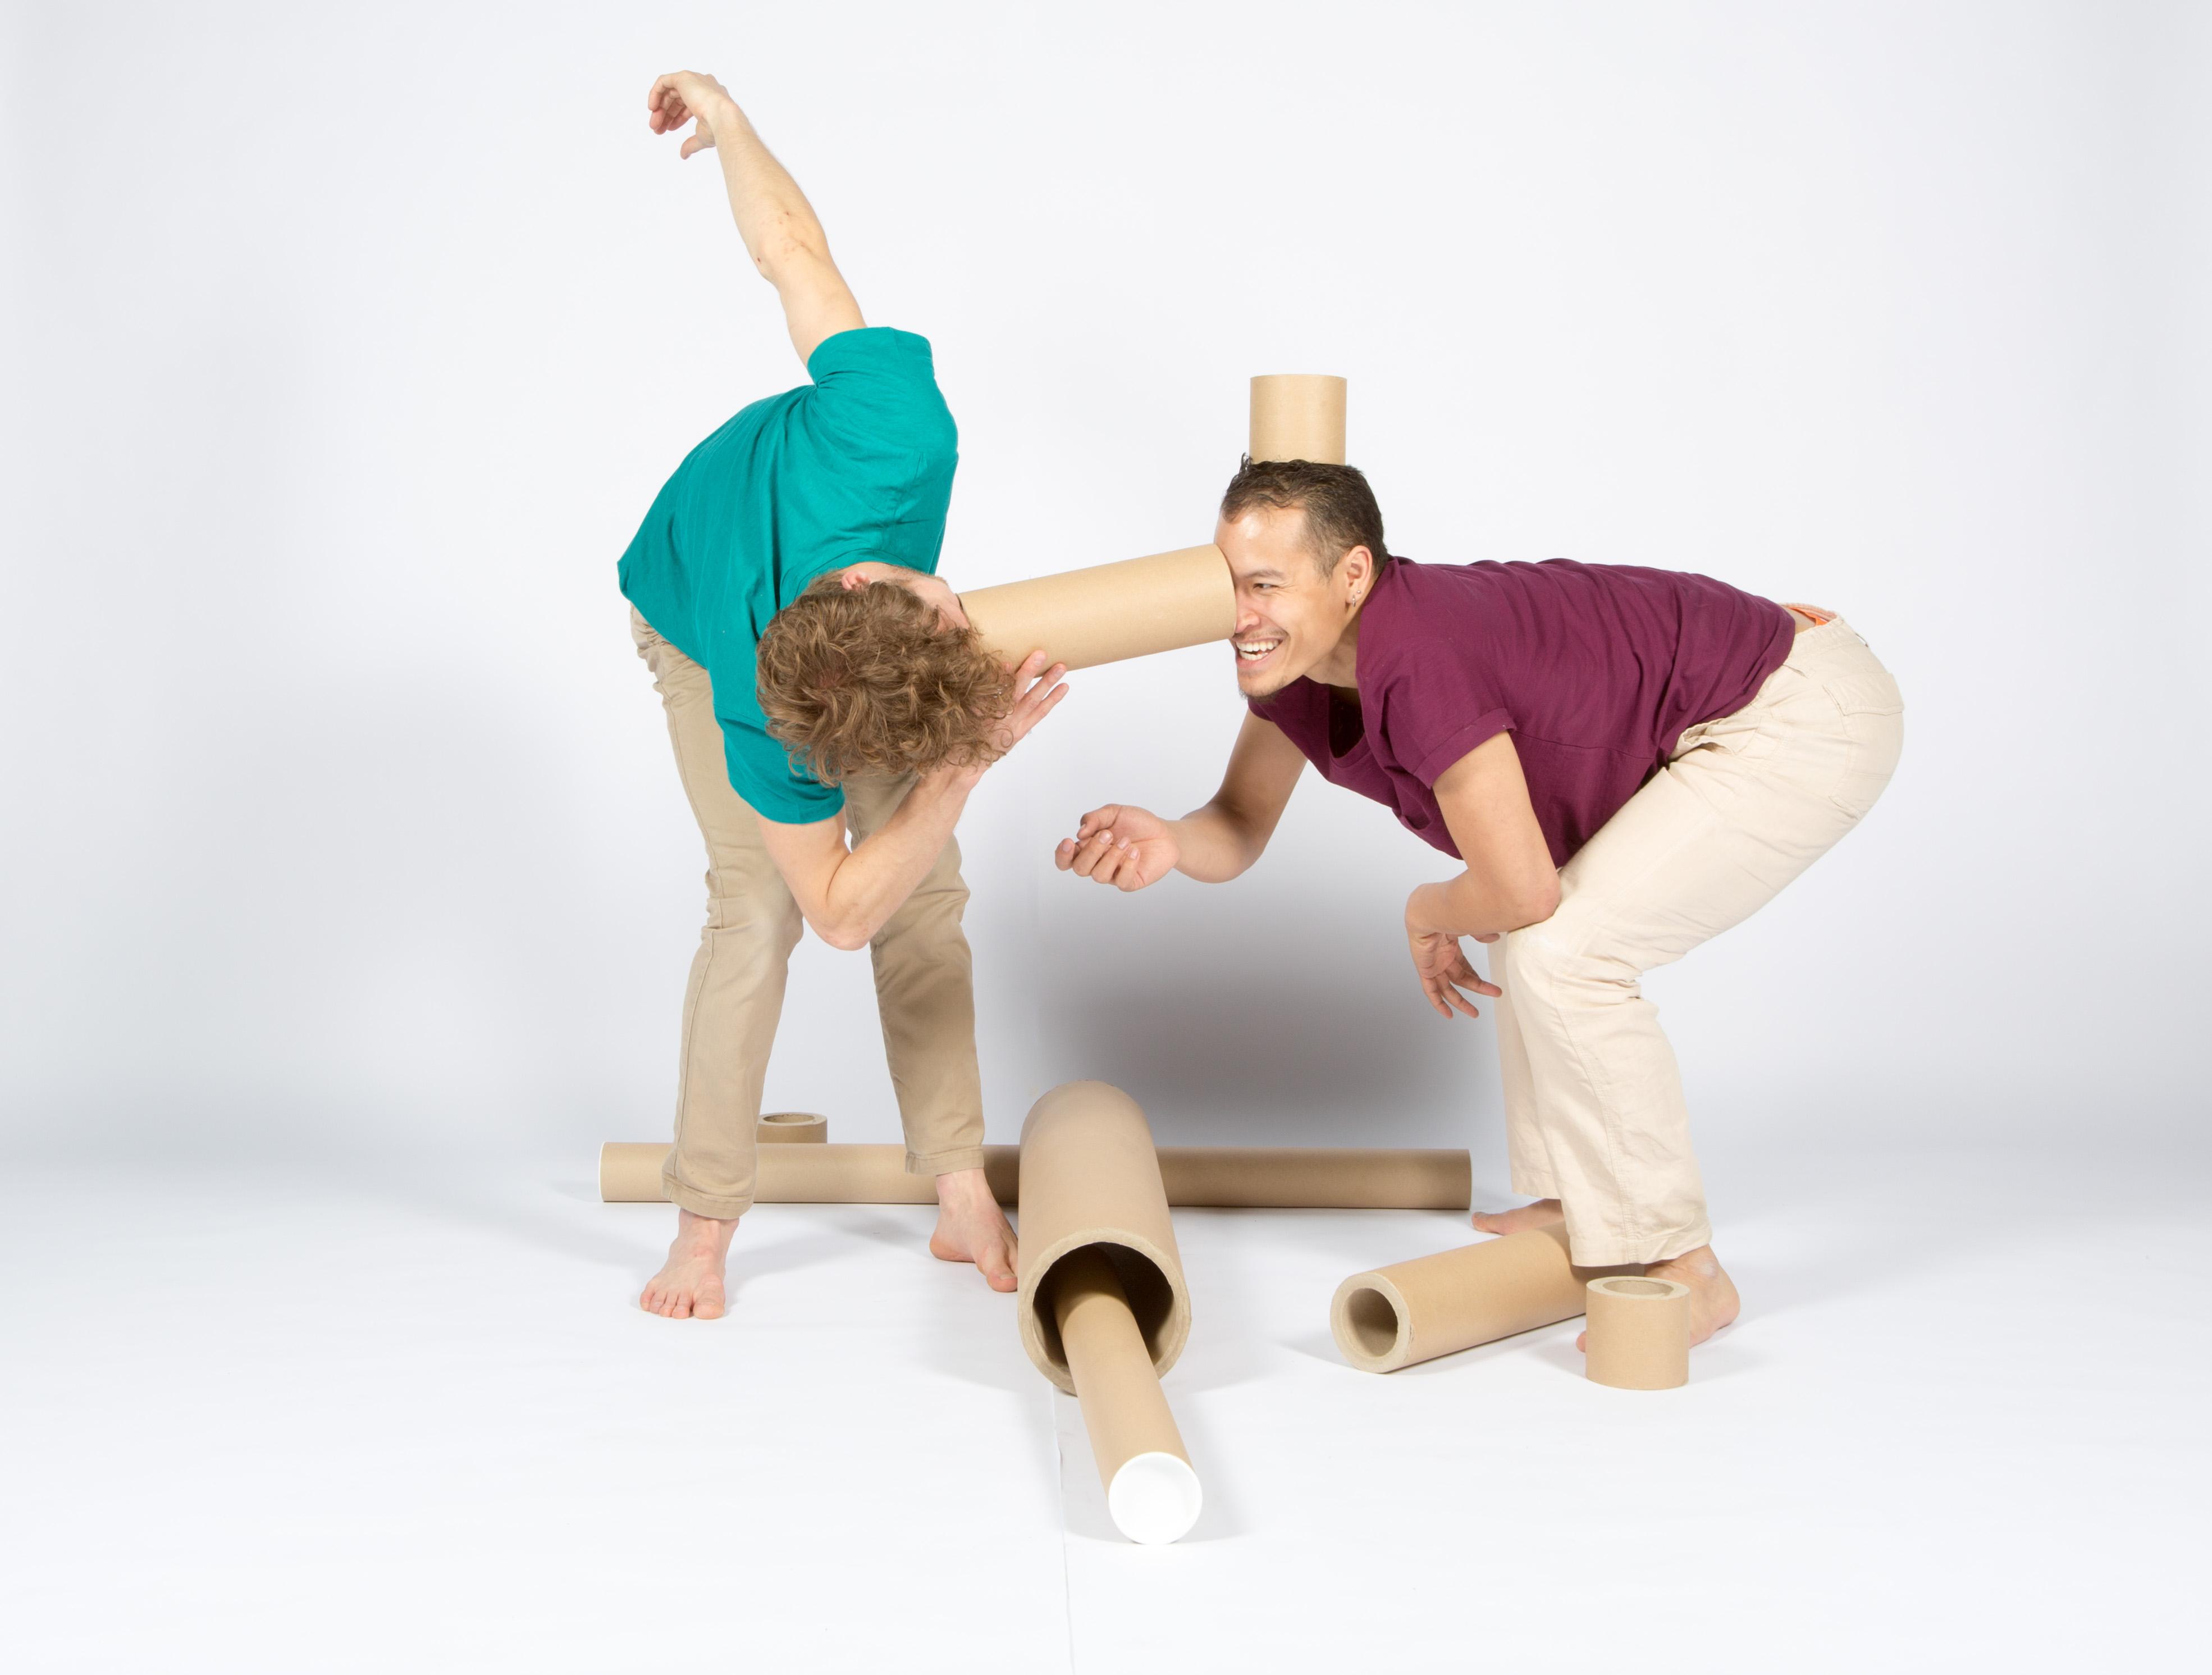 fotoshoot voor de dansvoorstelling kokers van dadodans van gaia gonnelli, fotografie door jeroen van pelt